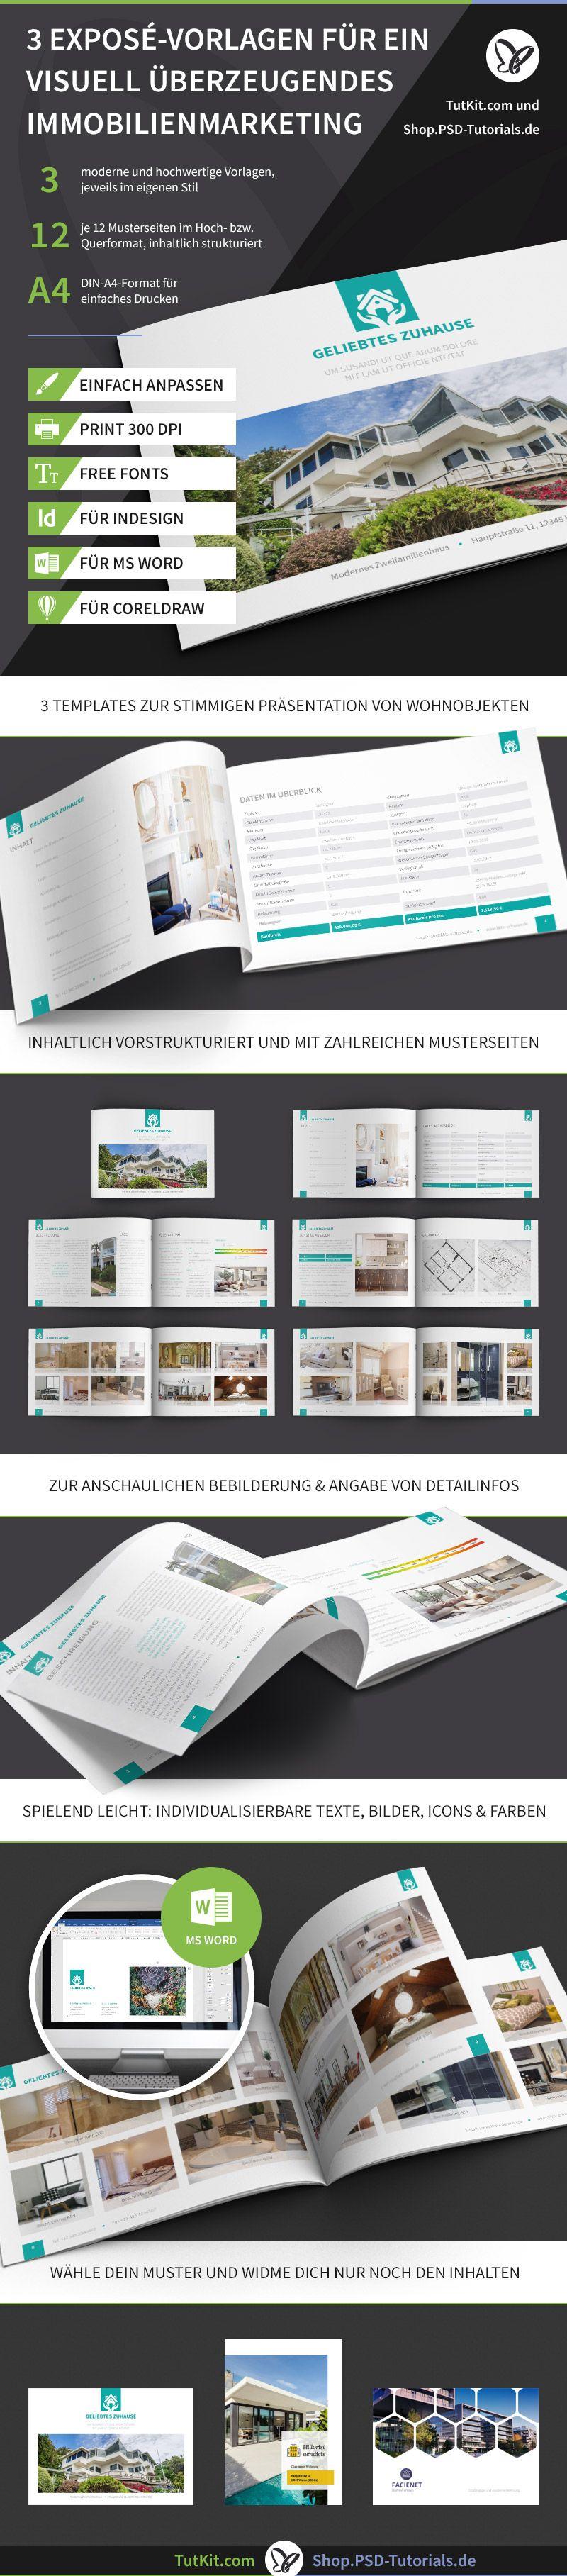 Exposé Vorlagen Für Immobilien Häuser Word Indesign Corel Powerpoint Vorlagen Immobilien Broschüre Vorlage